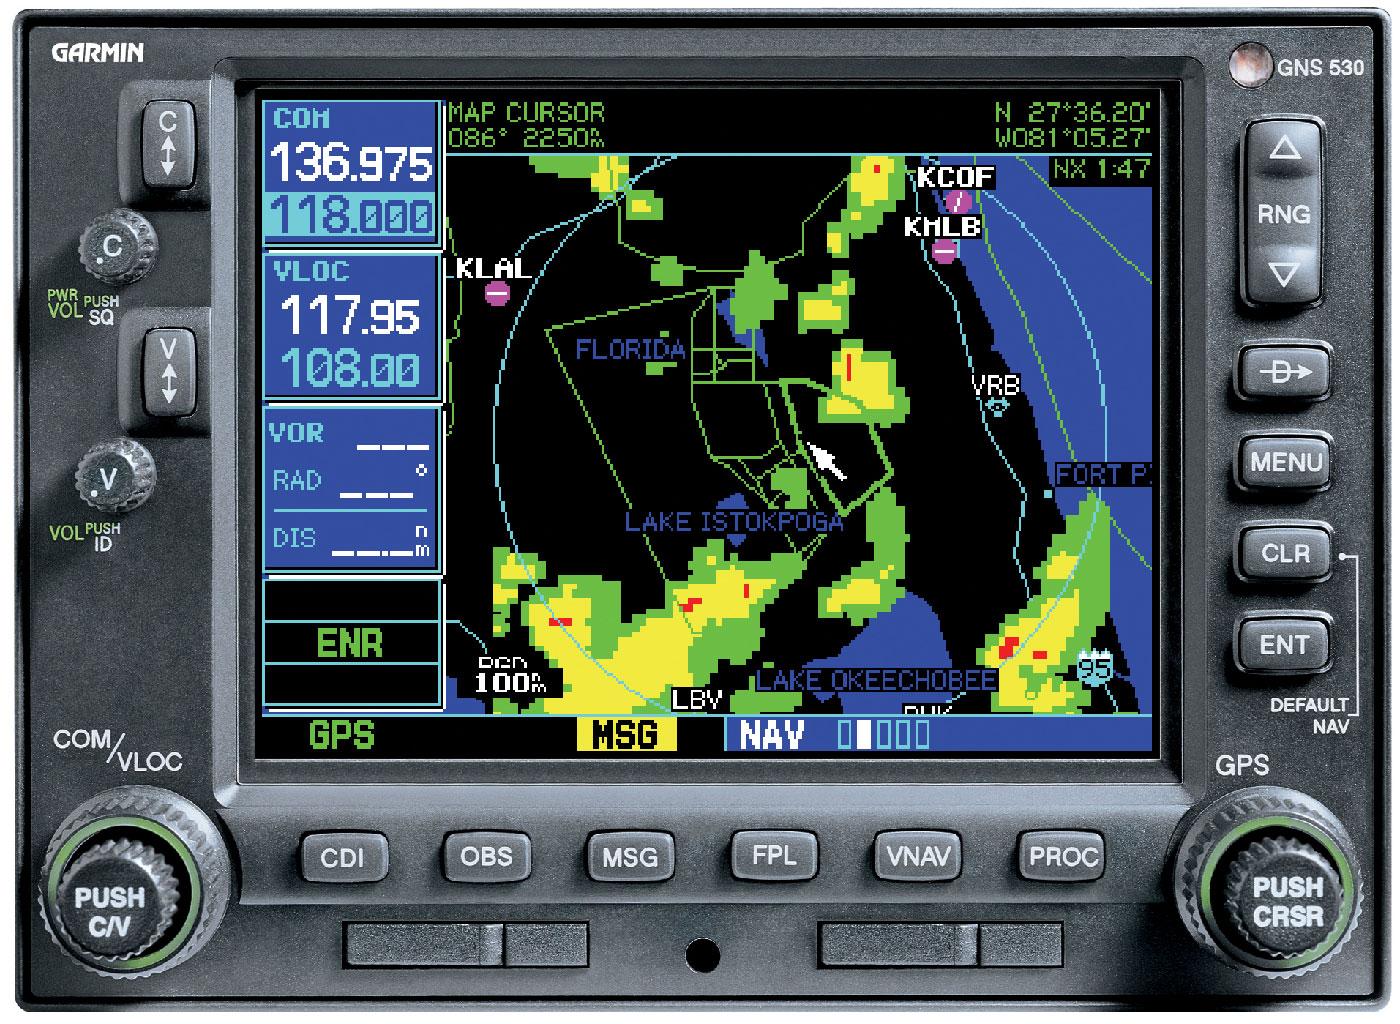 garmin media gallery rh www8 garmin com Garmin GNS 530 Garmin 430W GPS